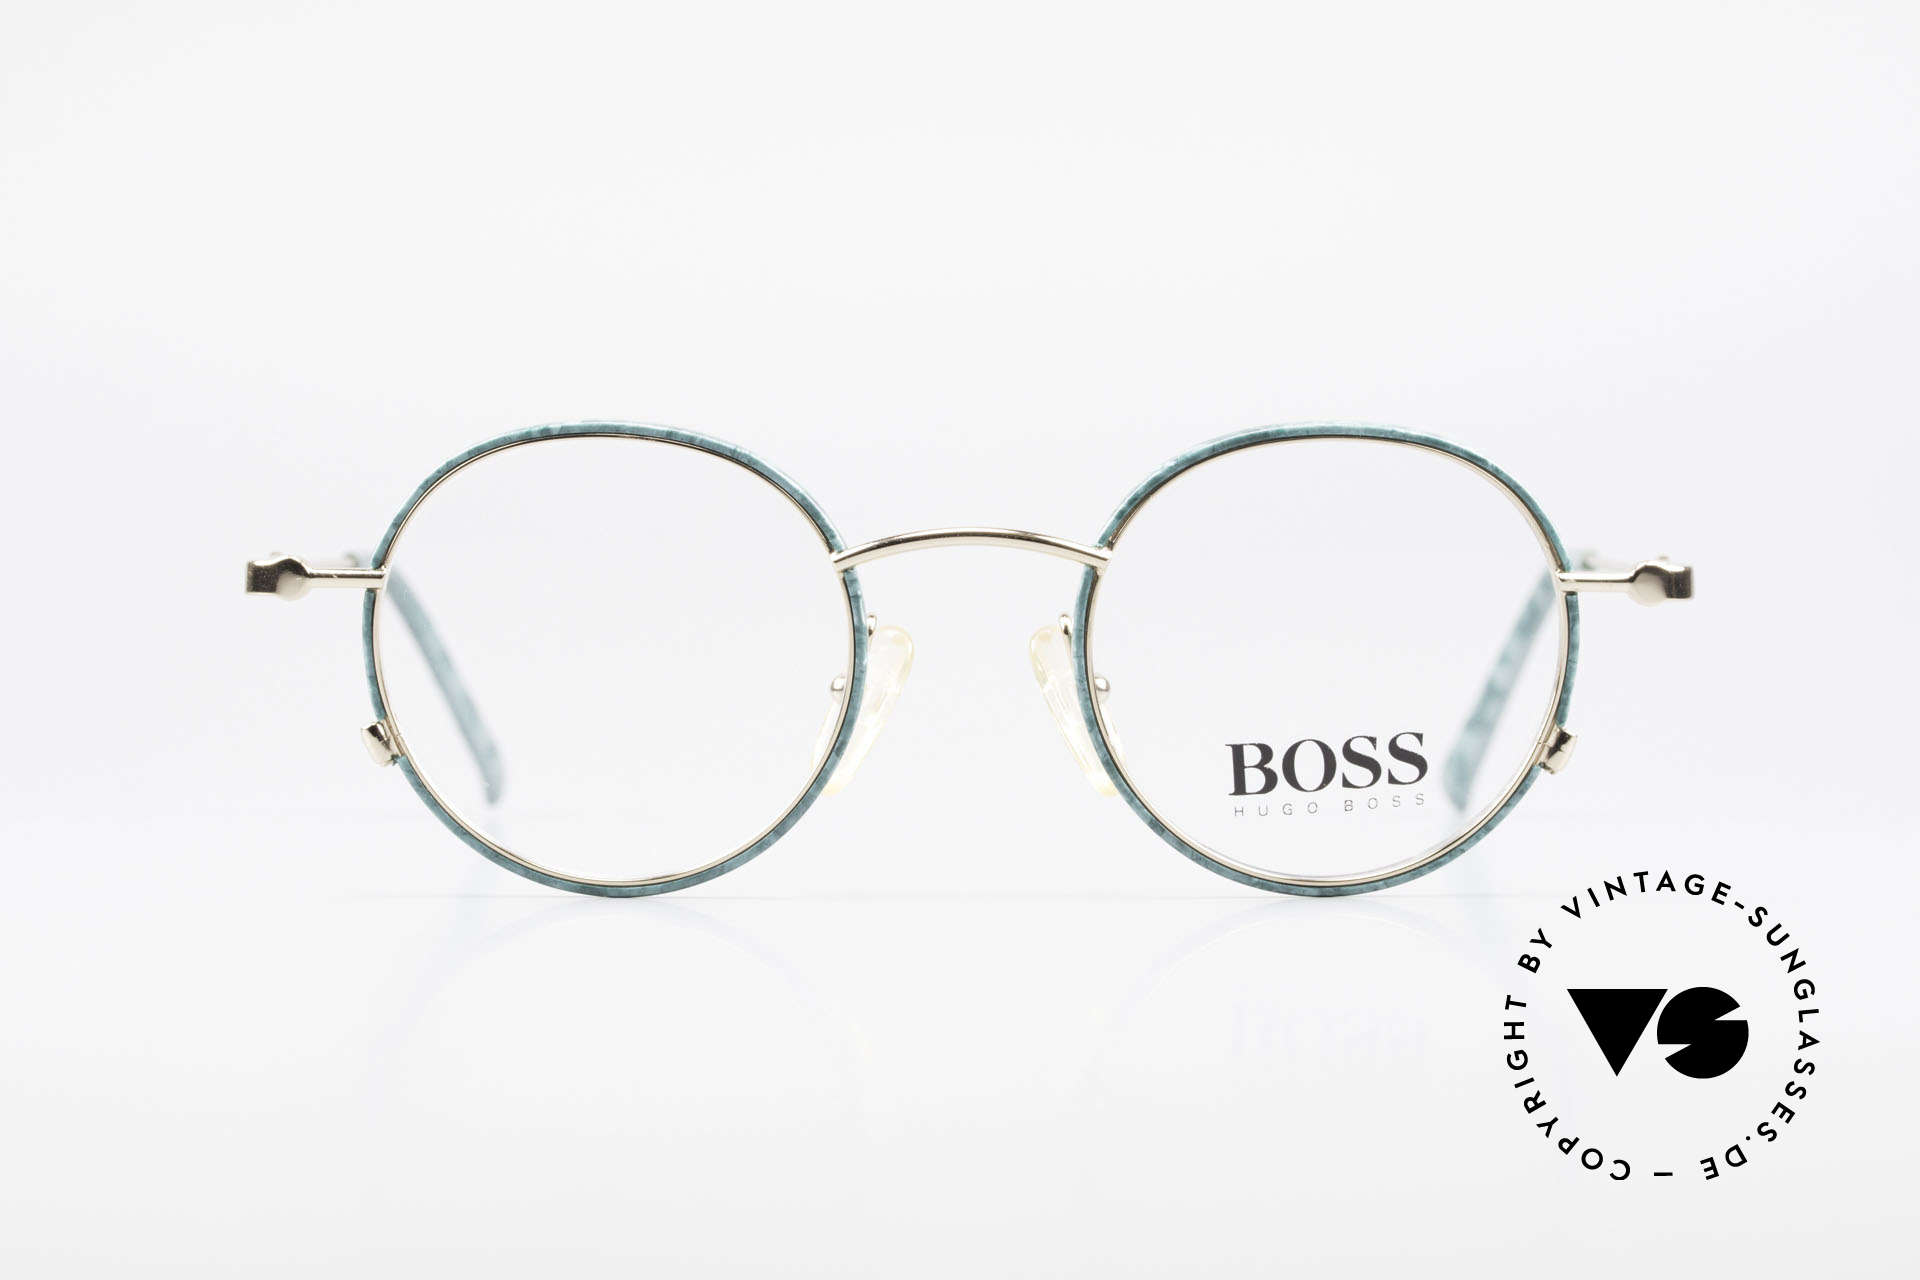 BOSS 5148 Runde Panto Style Fassung, großartiges ORIGINAL in absoluter Spitzen-Qualität, Passend für Herren und Damen